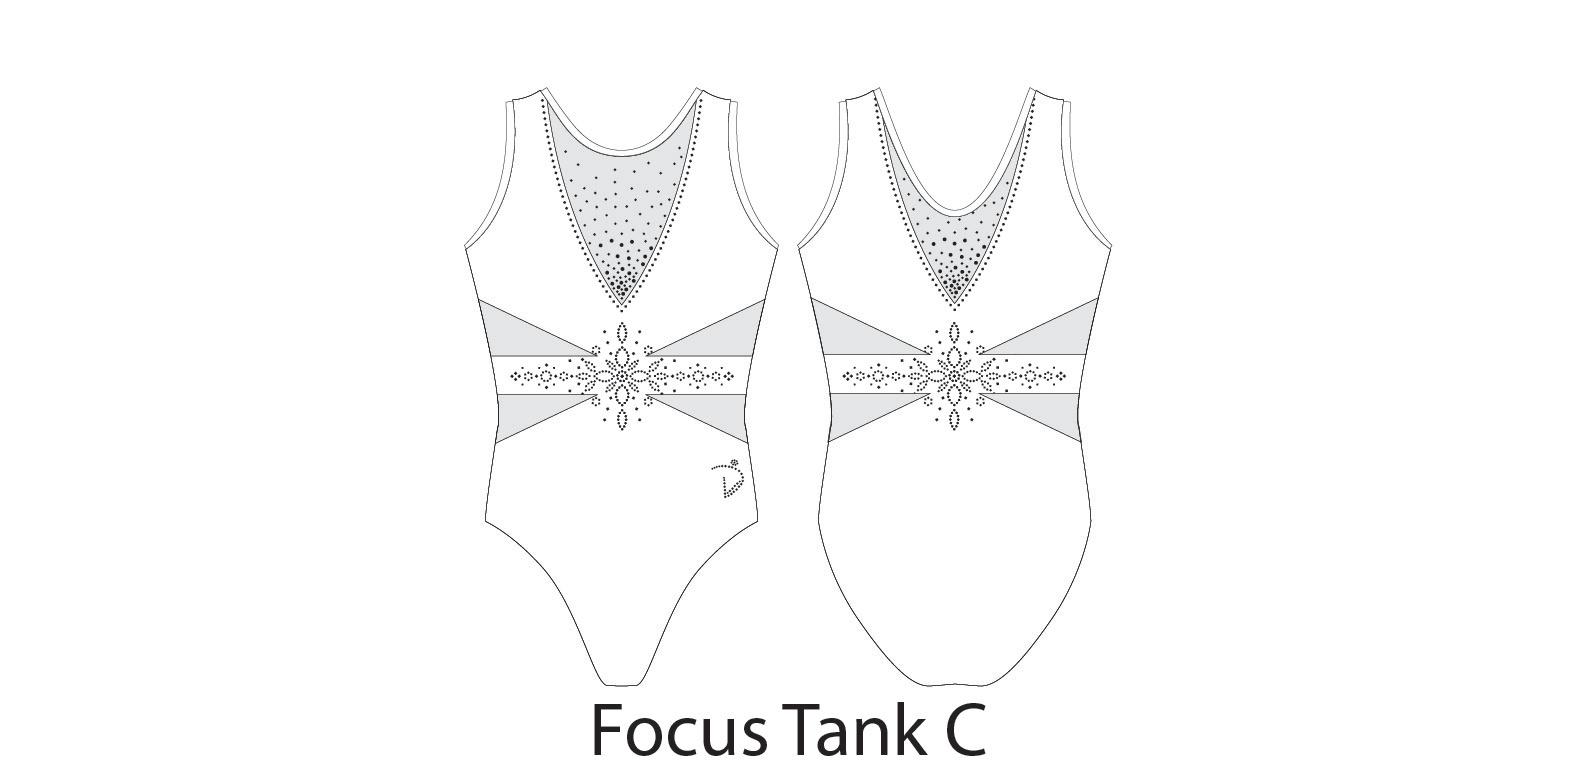 Focus Tank C